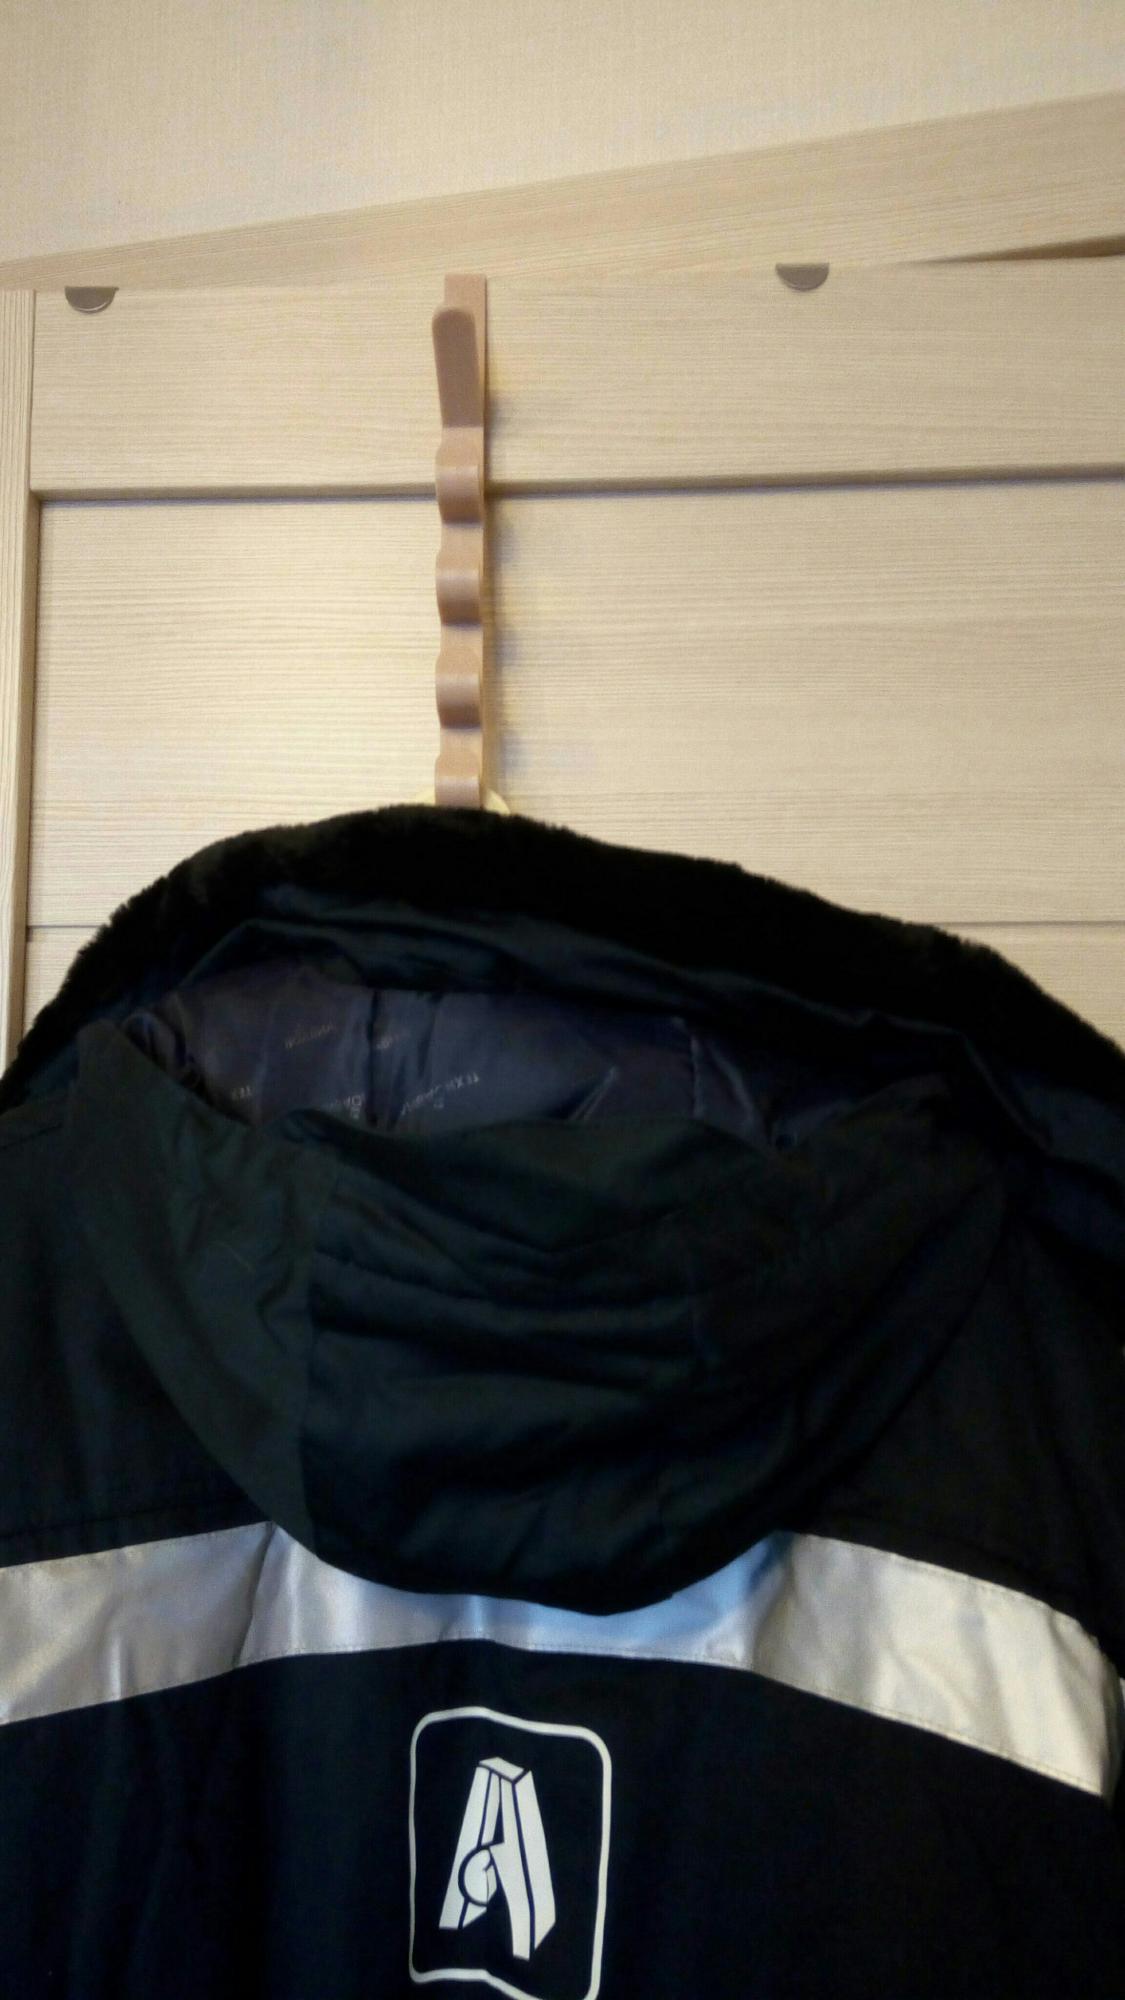 Куртка зимняя. Размер 56-58. Новая! в Зеленограде 89055246798 купить 9